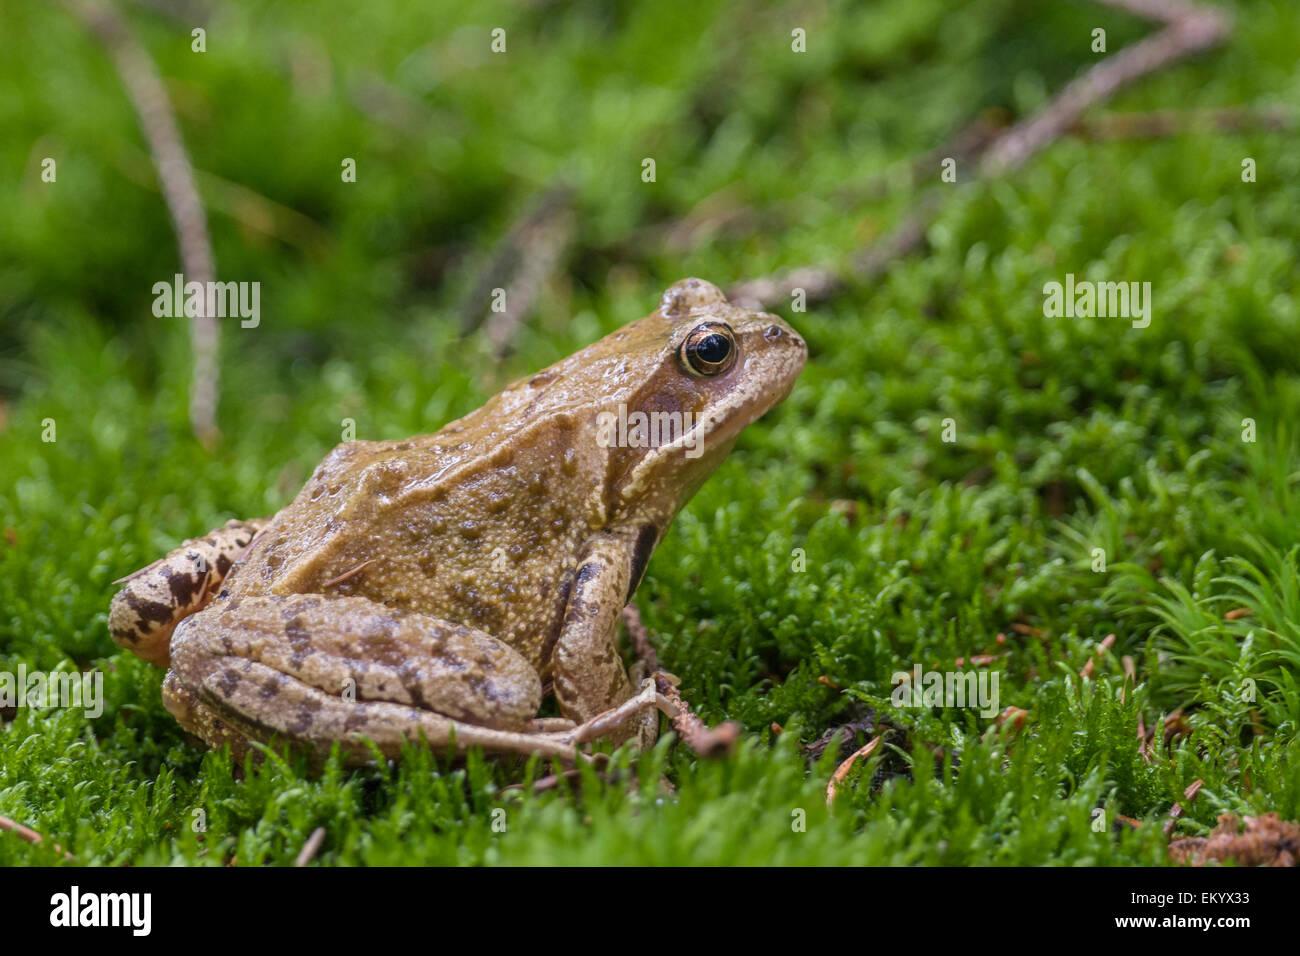 Common frog (Rana temporaria), Thuringia, Germany - Stock Image